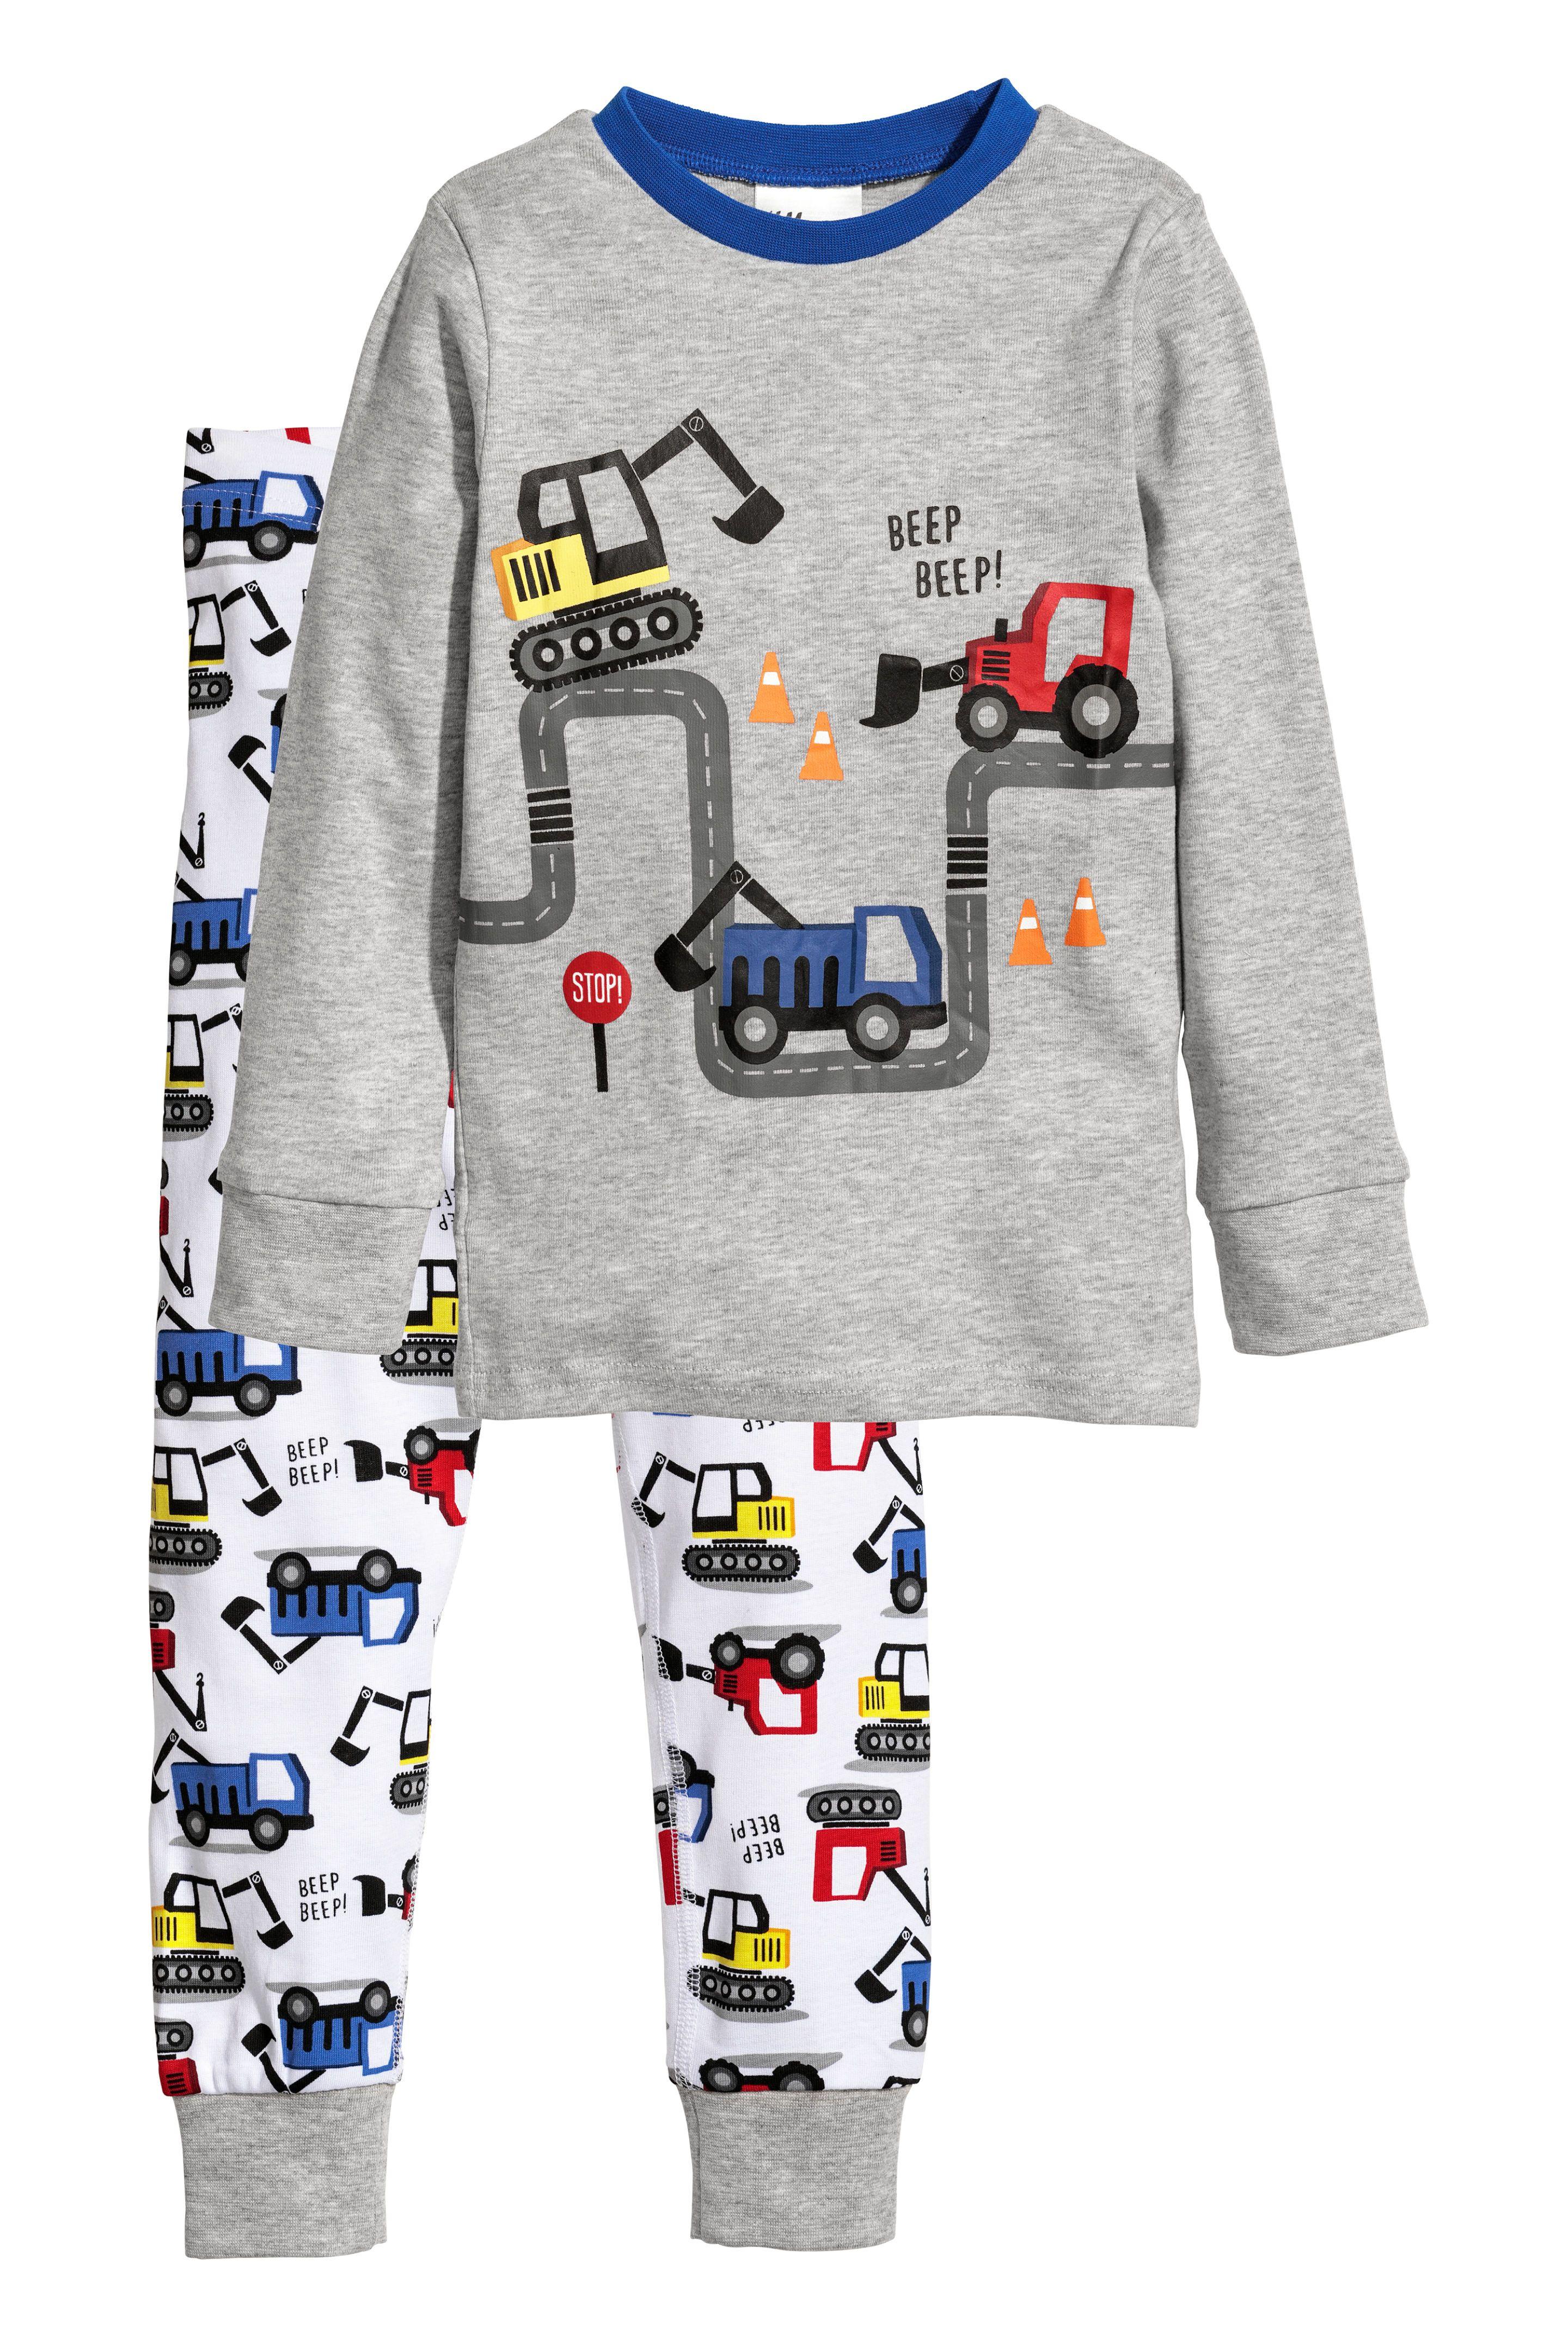 Jarse Pijama Takimi Gri Kis Ve Renkler